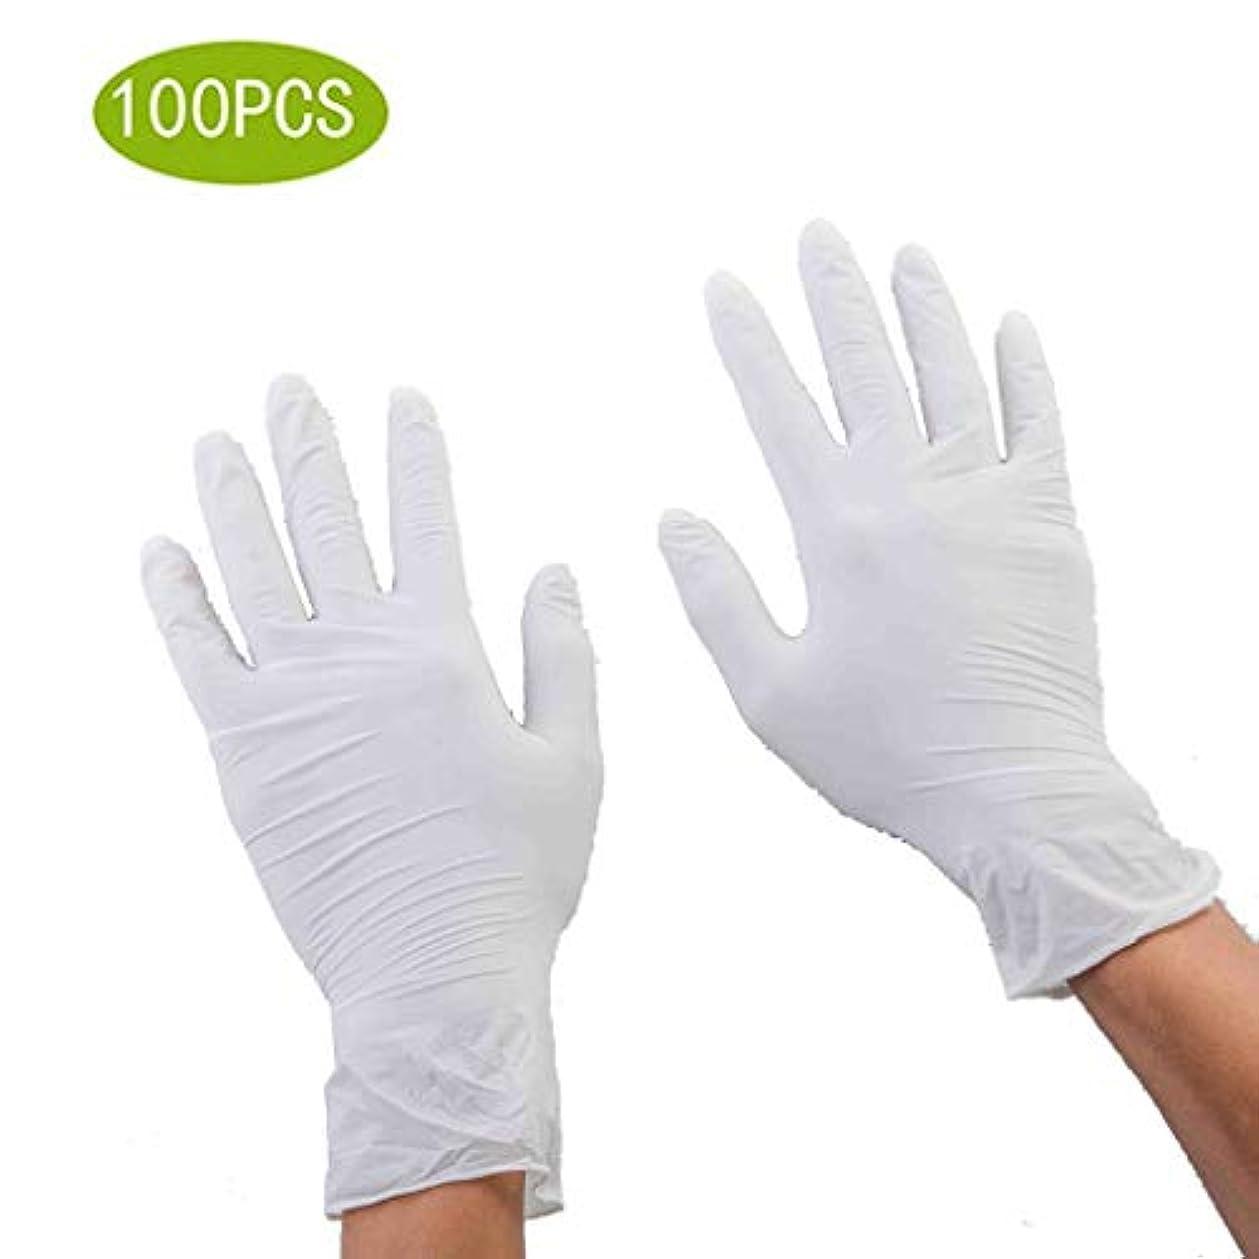 性格責めスタジオ家庭用クリーニング手袋ニトリル検査用手袋 - 医療用グレード、パウダーフリー、ラテックスゴムフリー、使い捨て、食品安全 (Size : L)